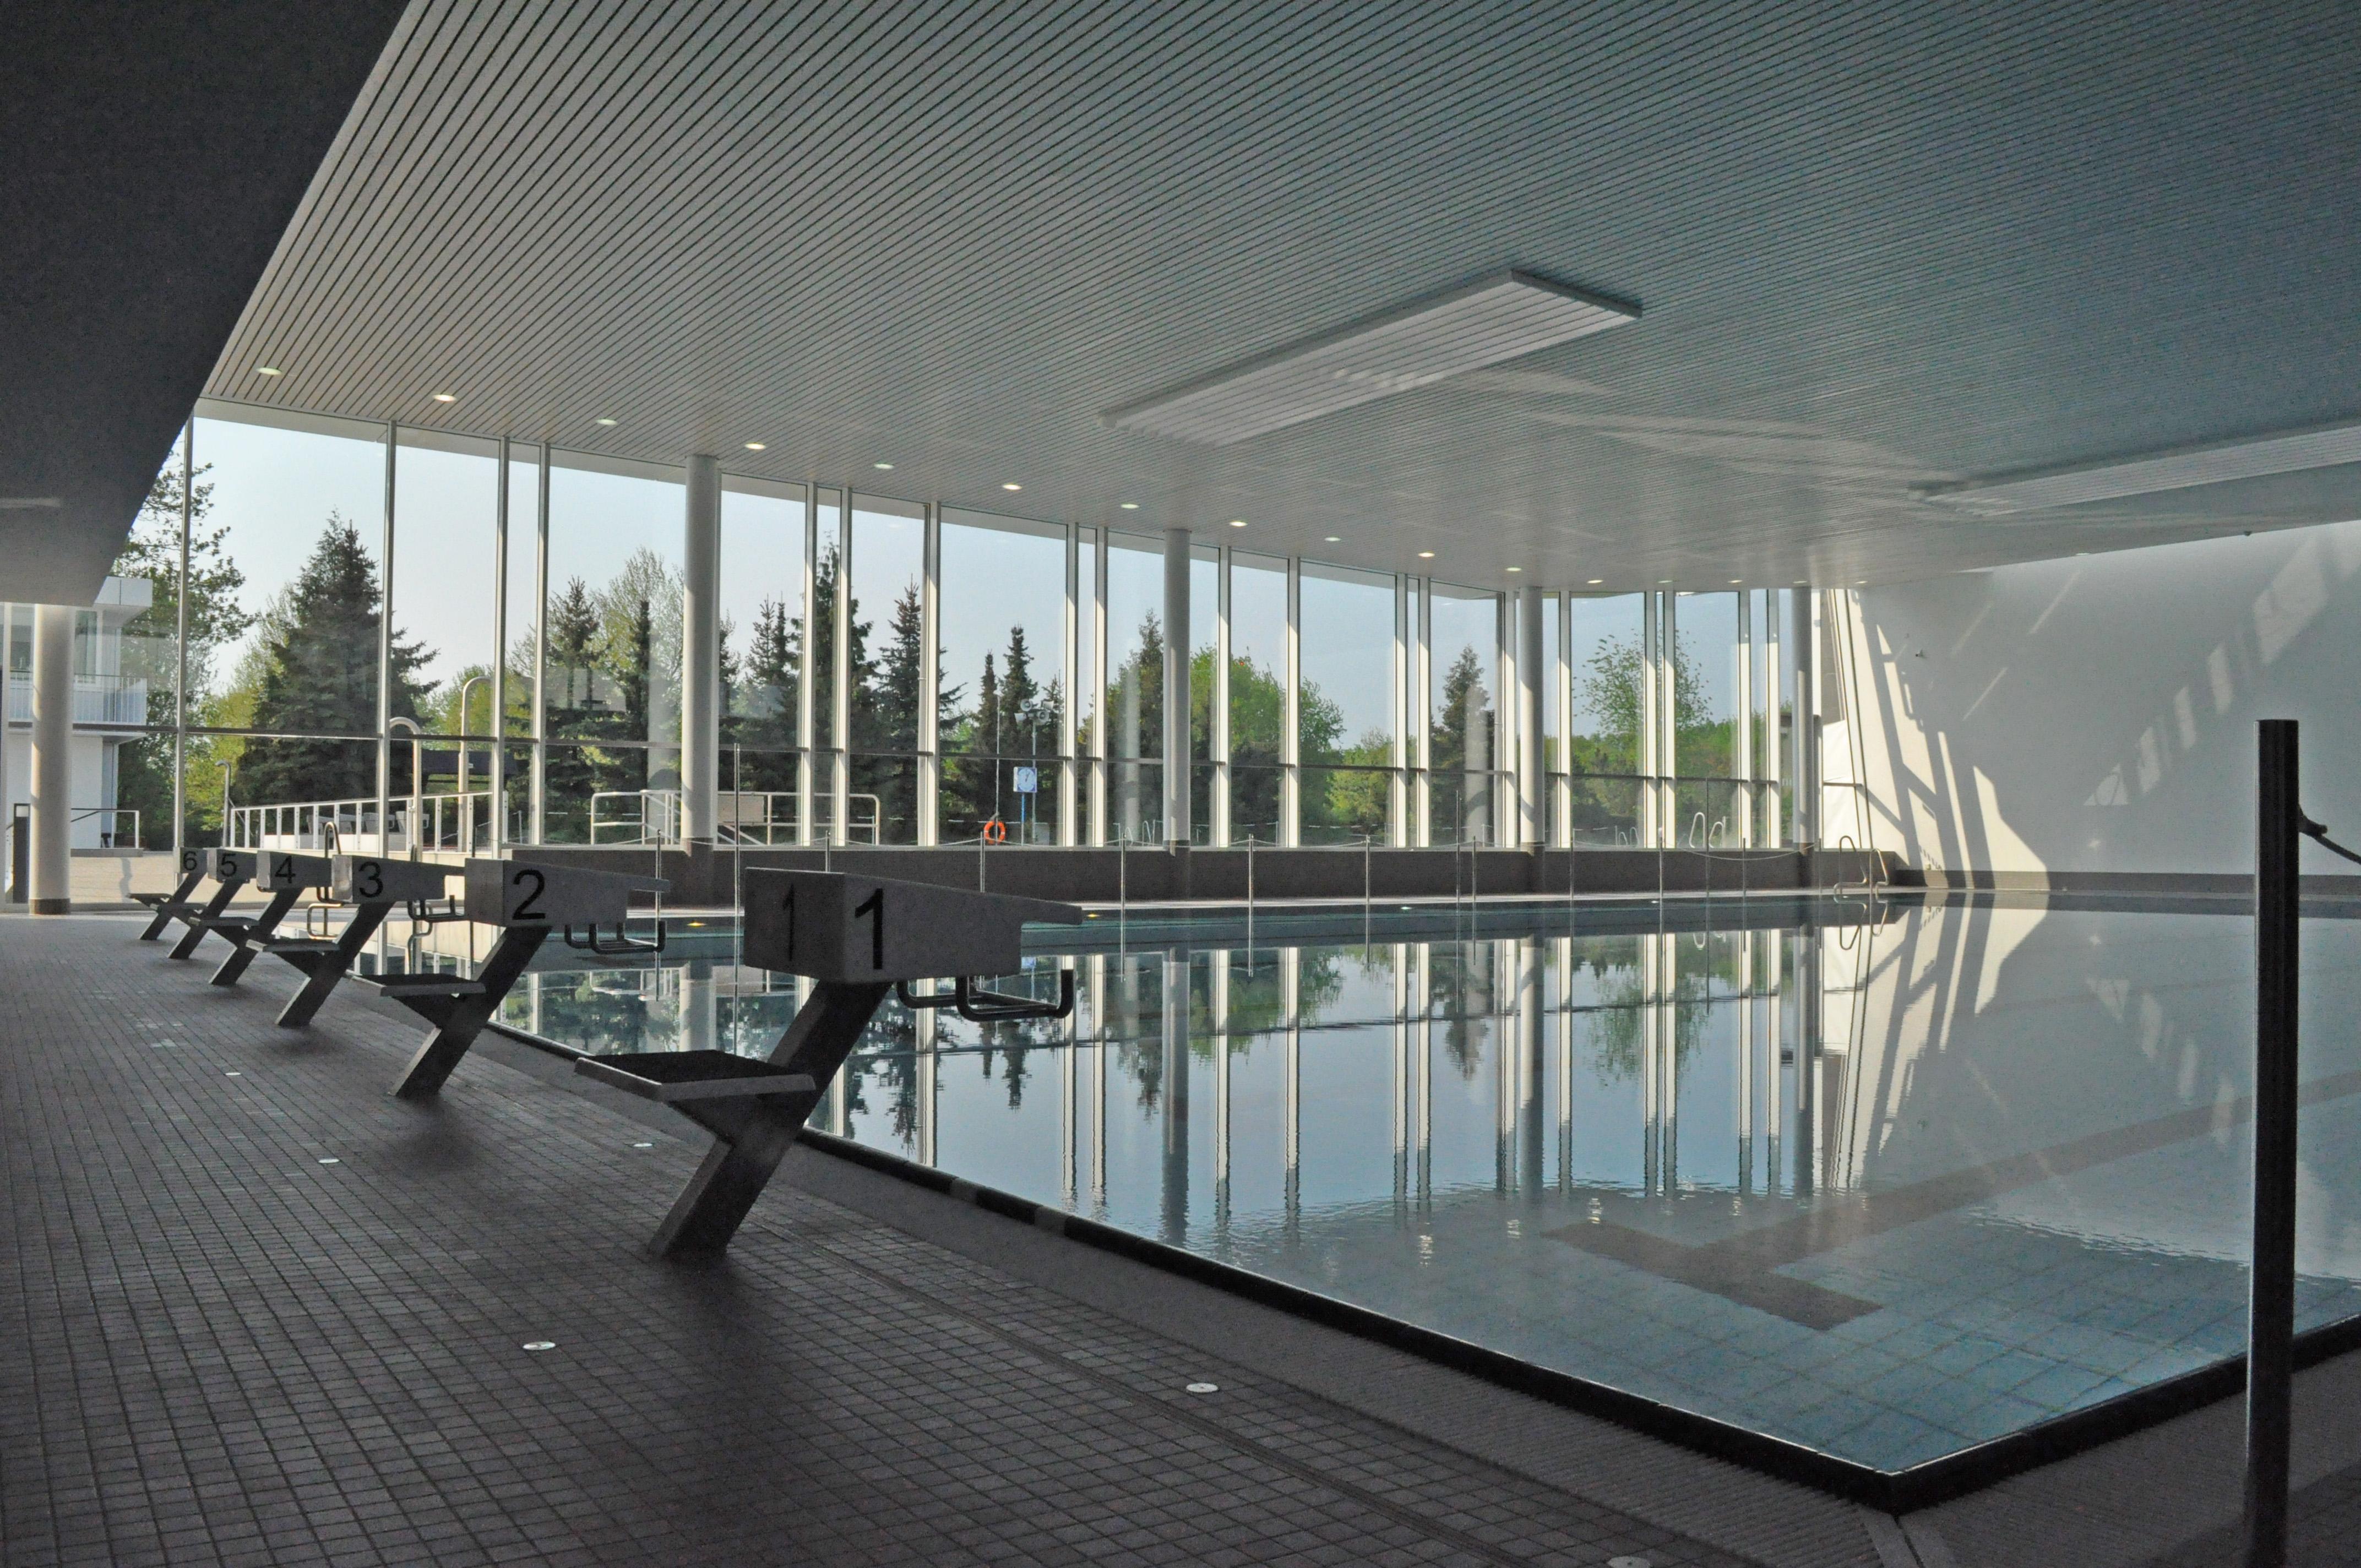 Schwimmerbecken im Sport- und Freizeitbad Allerwelle in Gifhorn